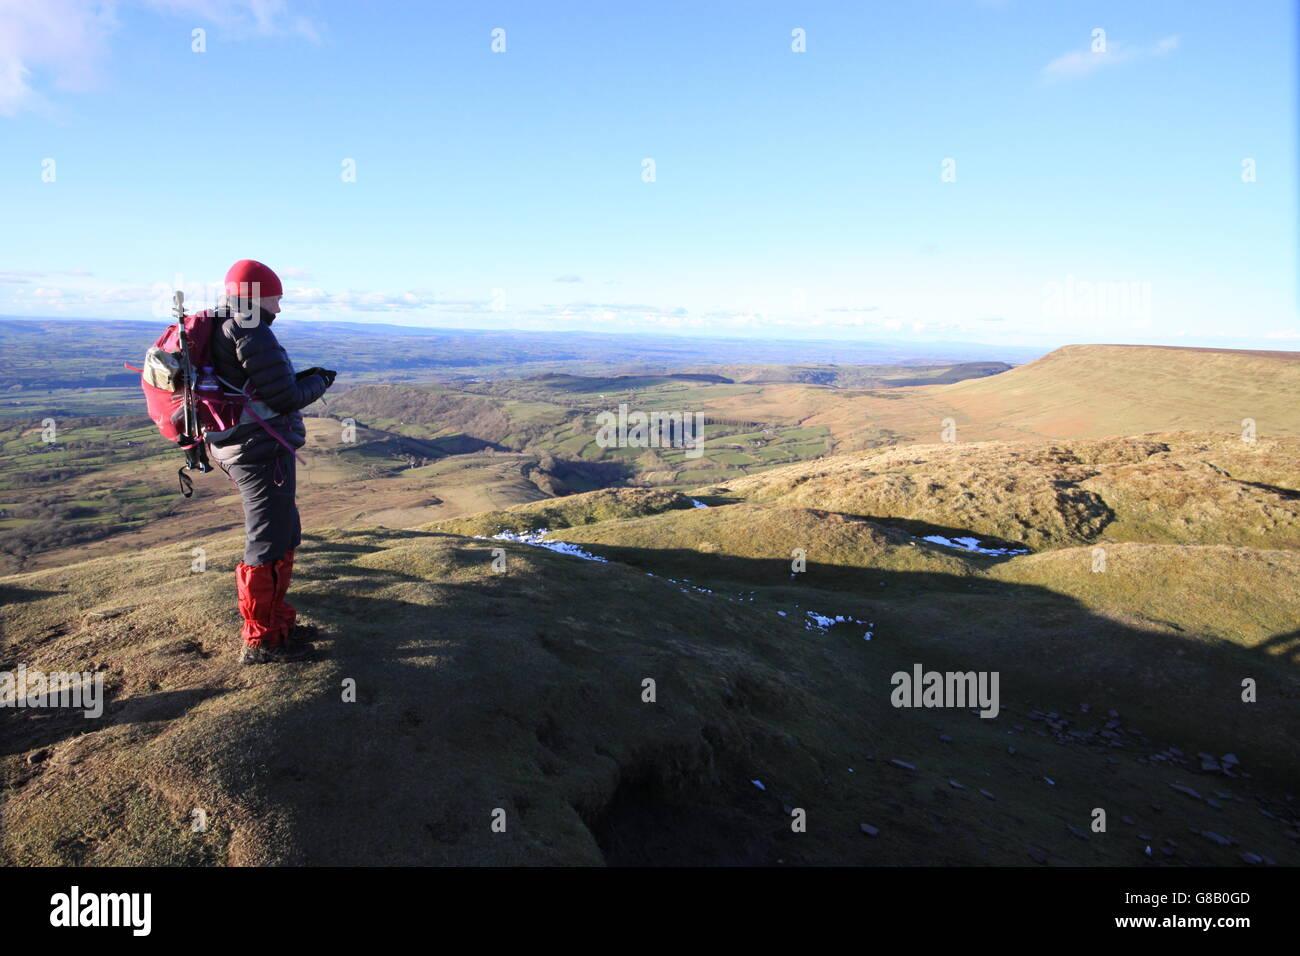 finden Sie eine Route im Herrn Herefords Knopf in die schwarzen Berge, mit Blick auf Heu Bluff. Stockbild